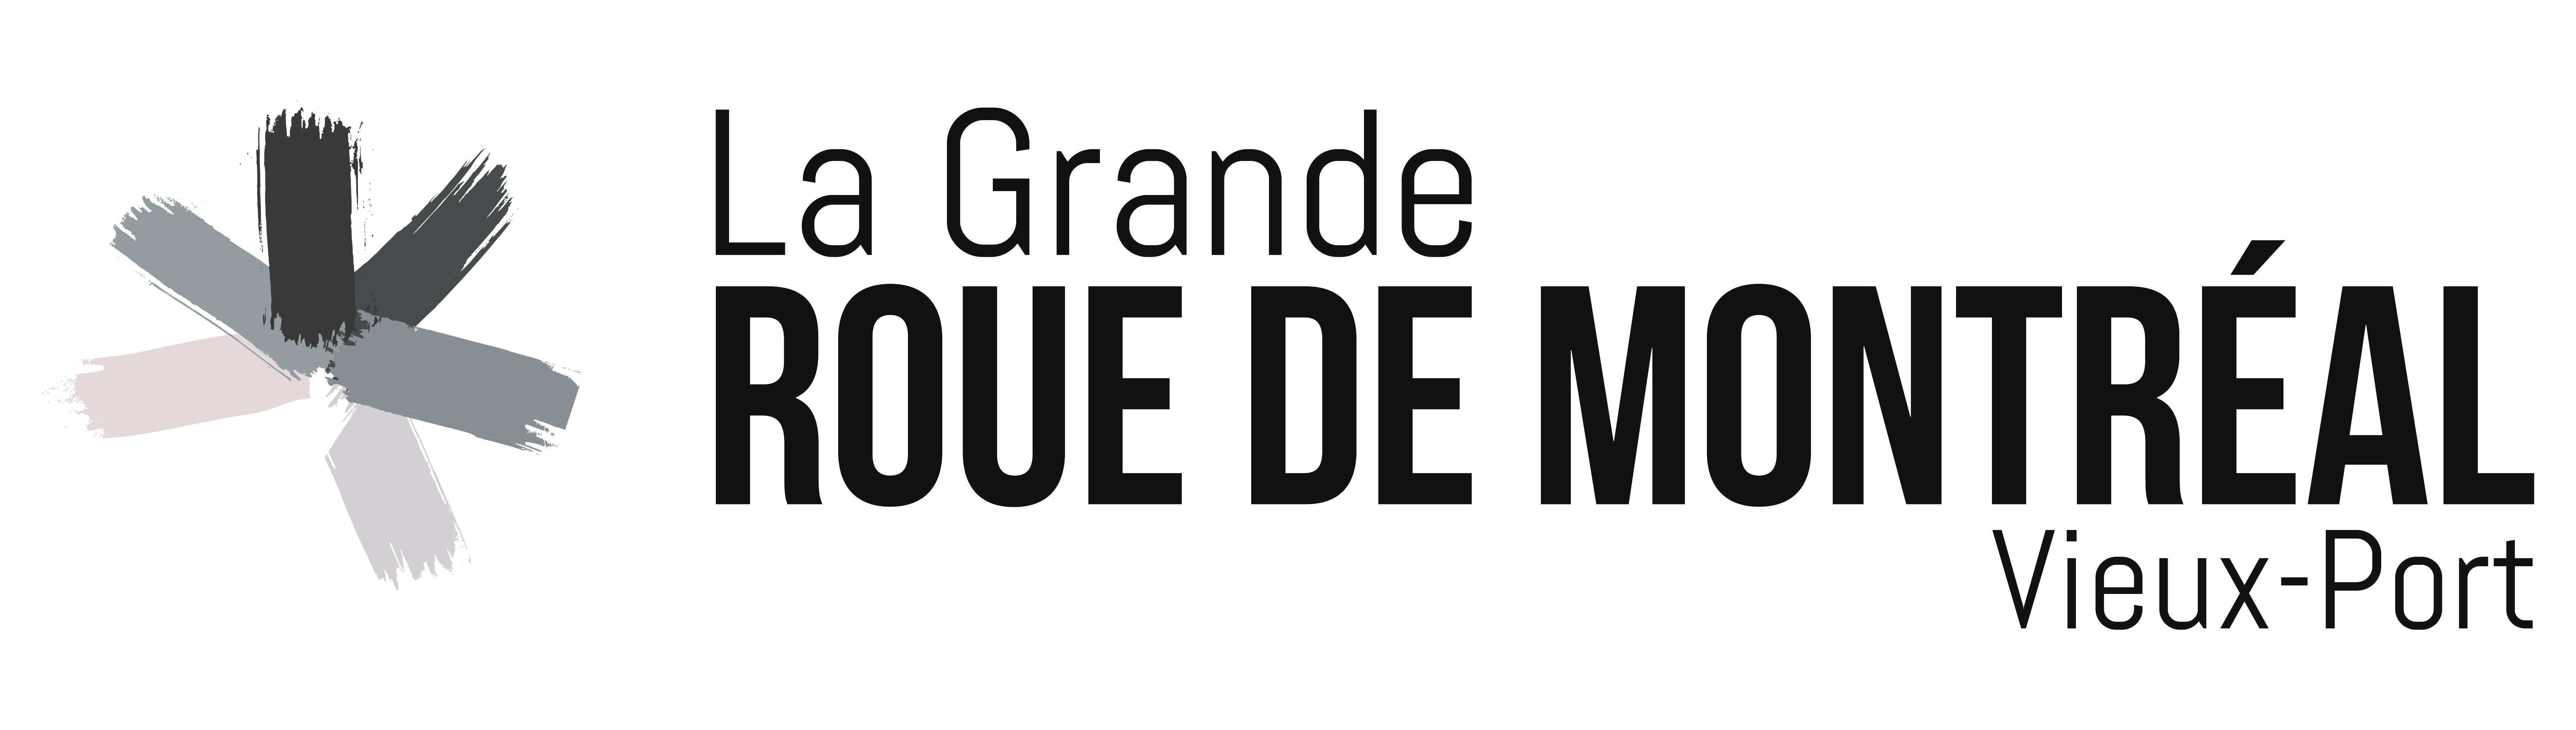 La Grande Roue de Montreal (Montreal)